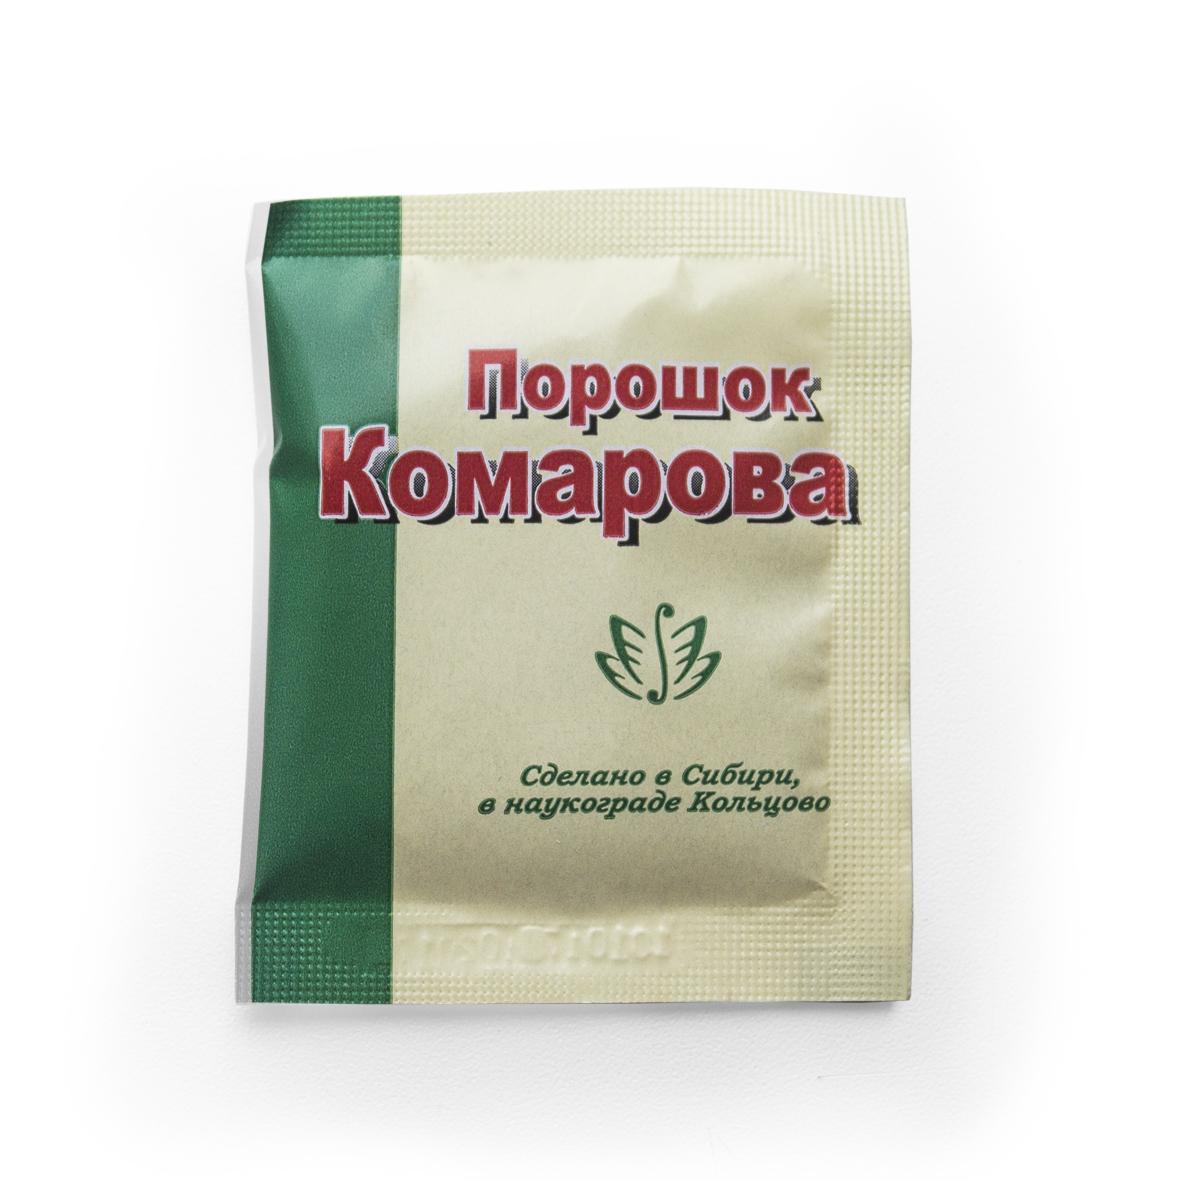 БАВ Порошок Комарова (2,5 г)